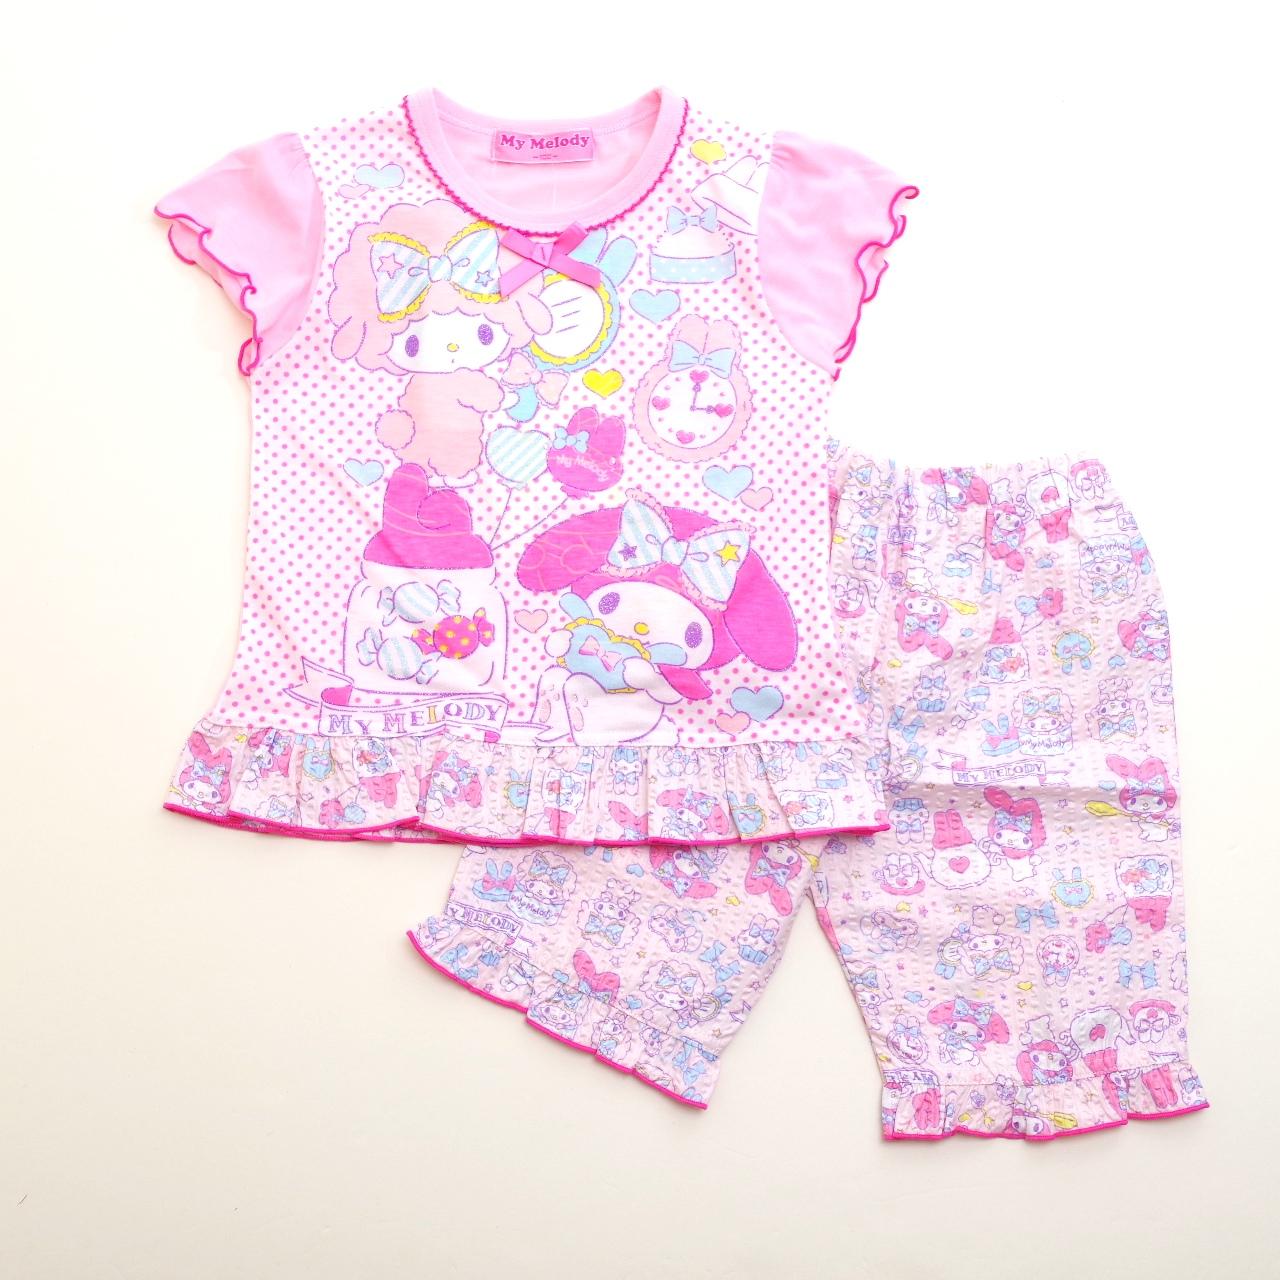 サンリオマイメロディ 光る半袖パジャマ 100-130cm(832MM004113)